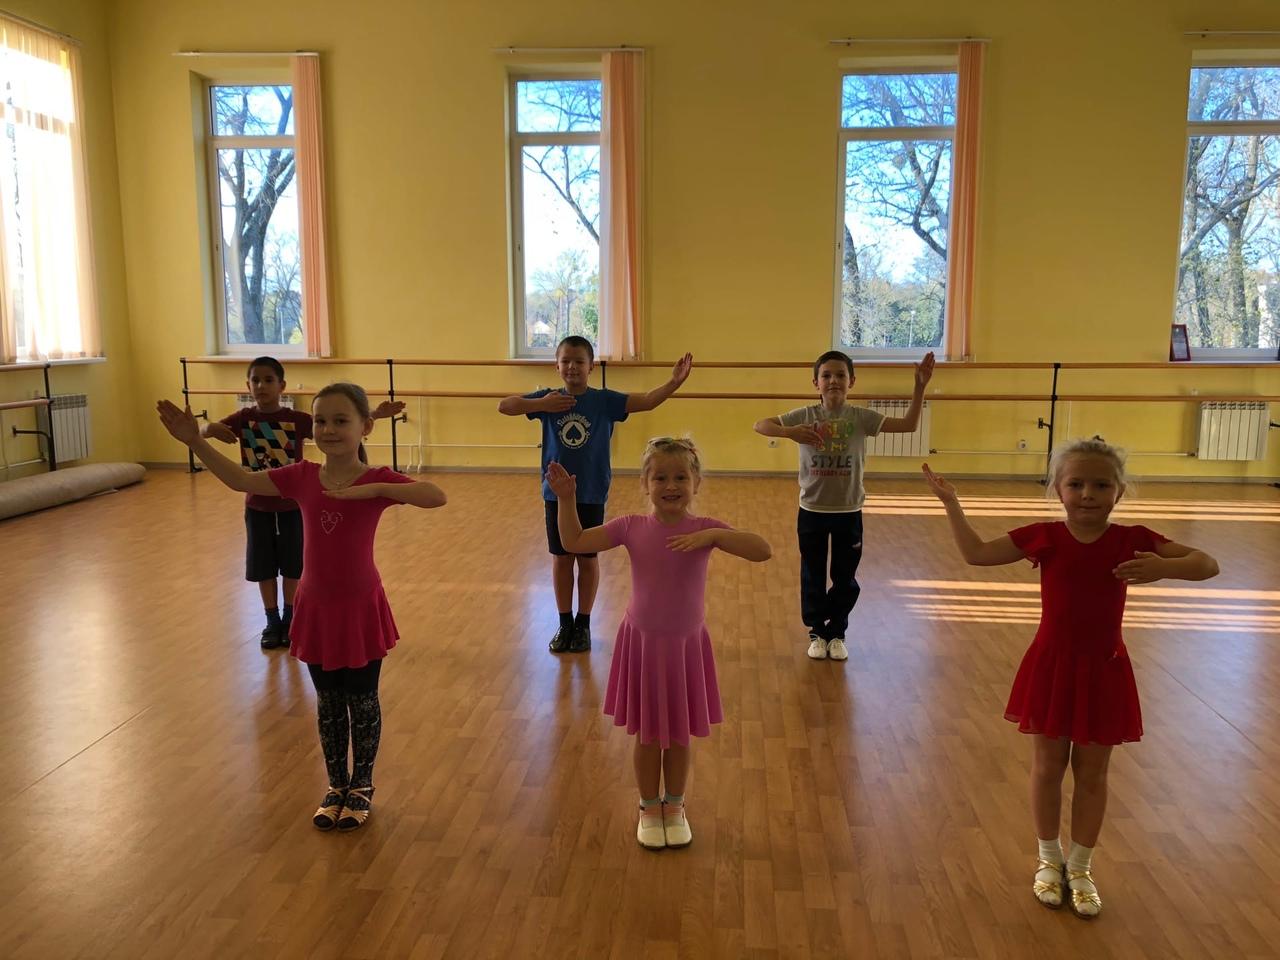 Клуб бального танца БАЛАНС приглашает детей и взрослых на обучение спортивным бальным танцам в #Зеленоградске. Вы можете привести ребёнка и присоединиться к группе деток, которые занимаются в воскресенье с 15.00 до 15.30